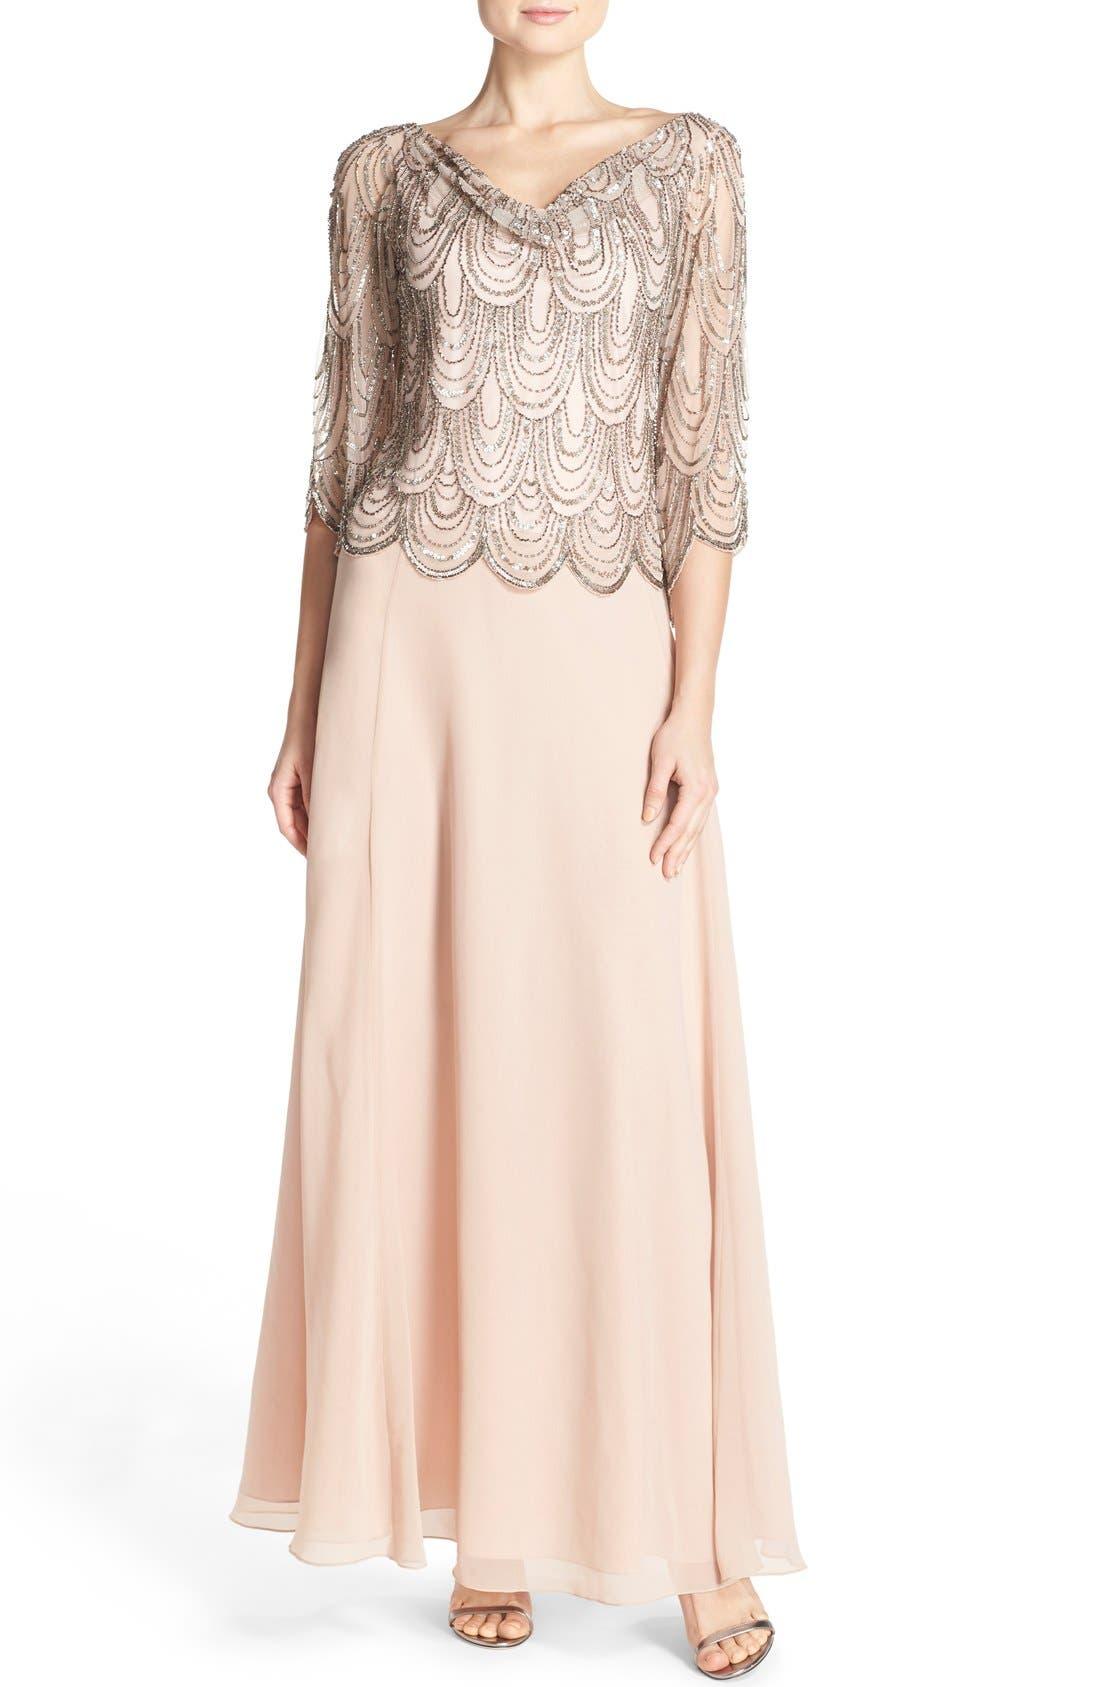 Alternate Image 1 Selected - J Kara Scallop Embellished Popover Gown